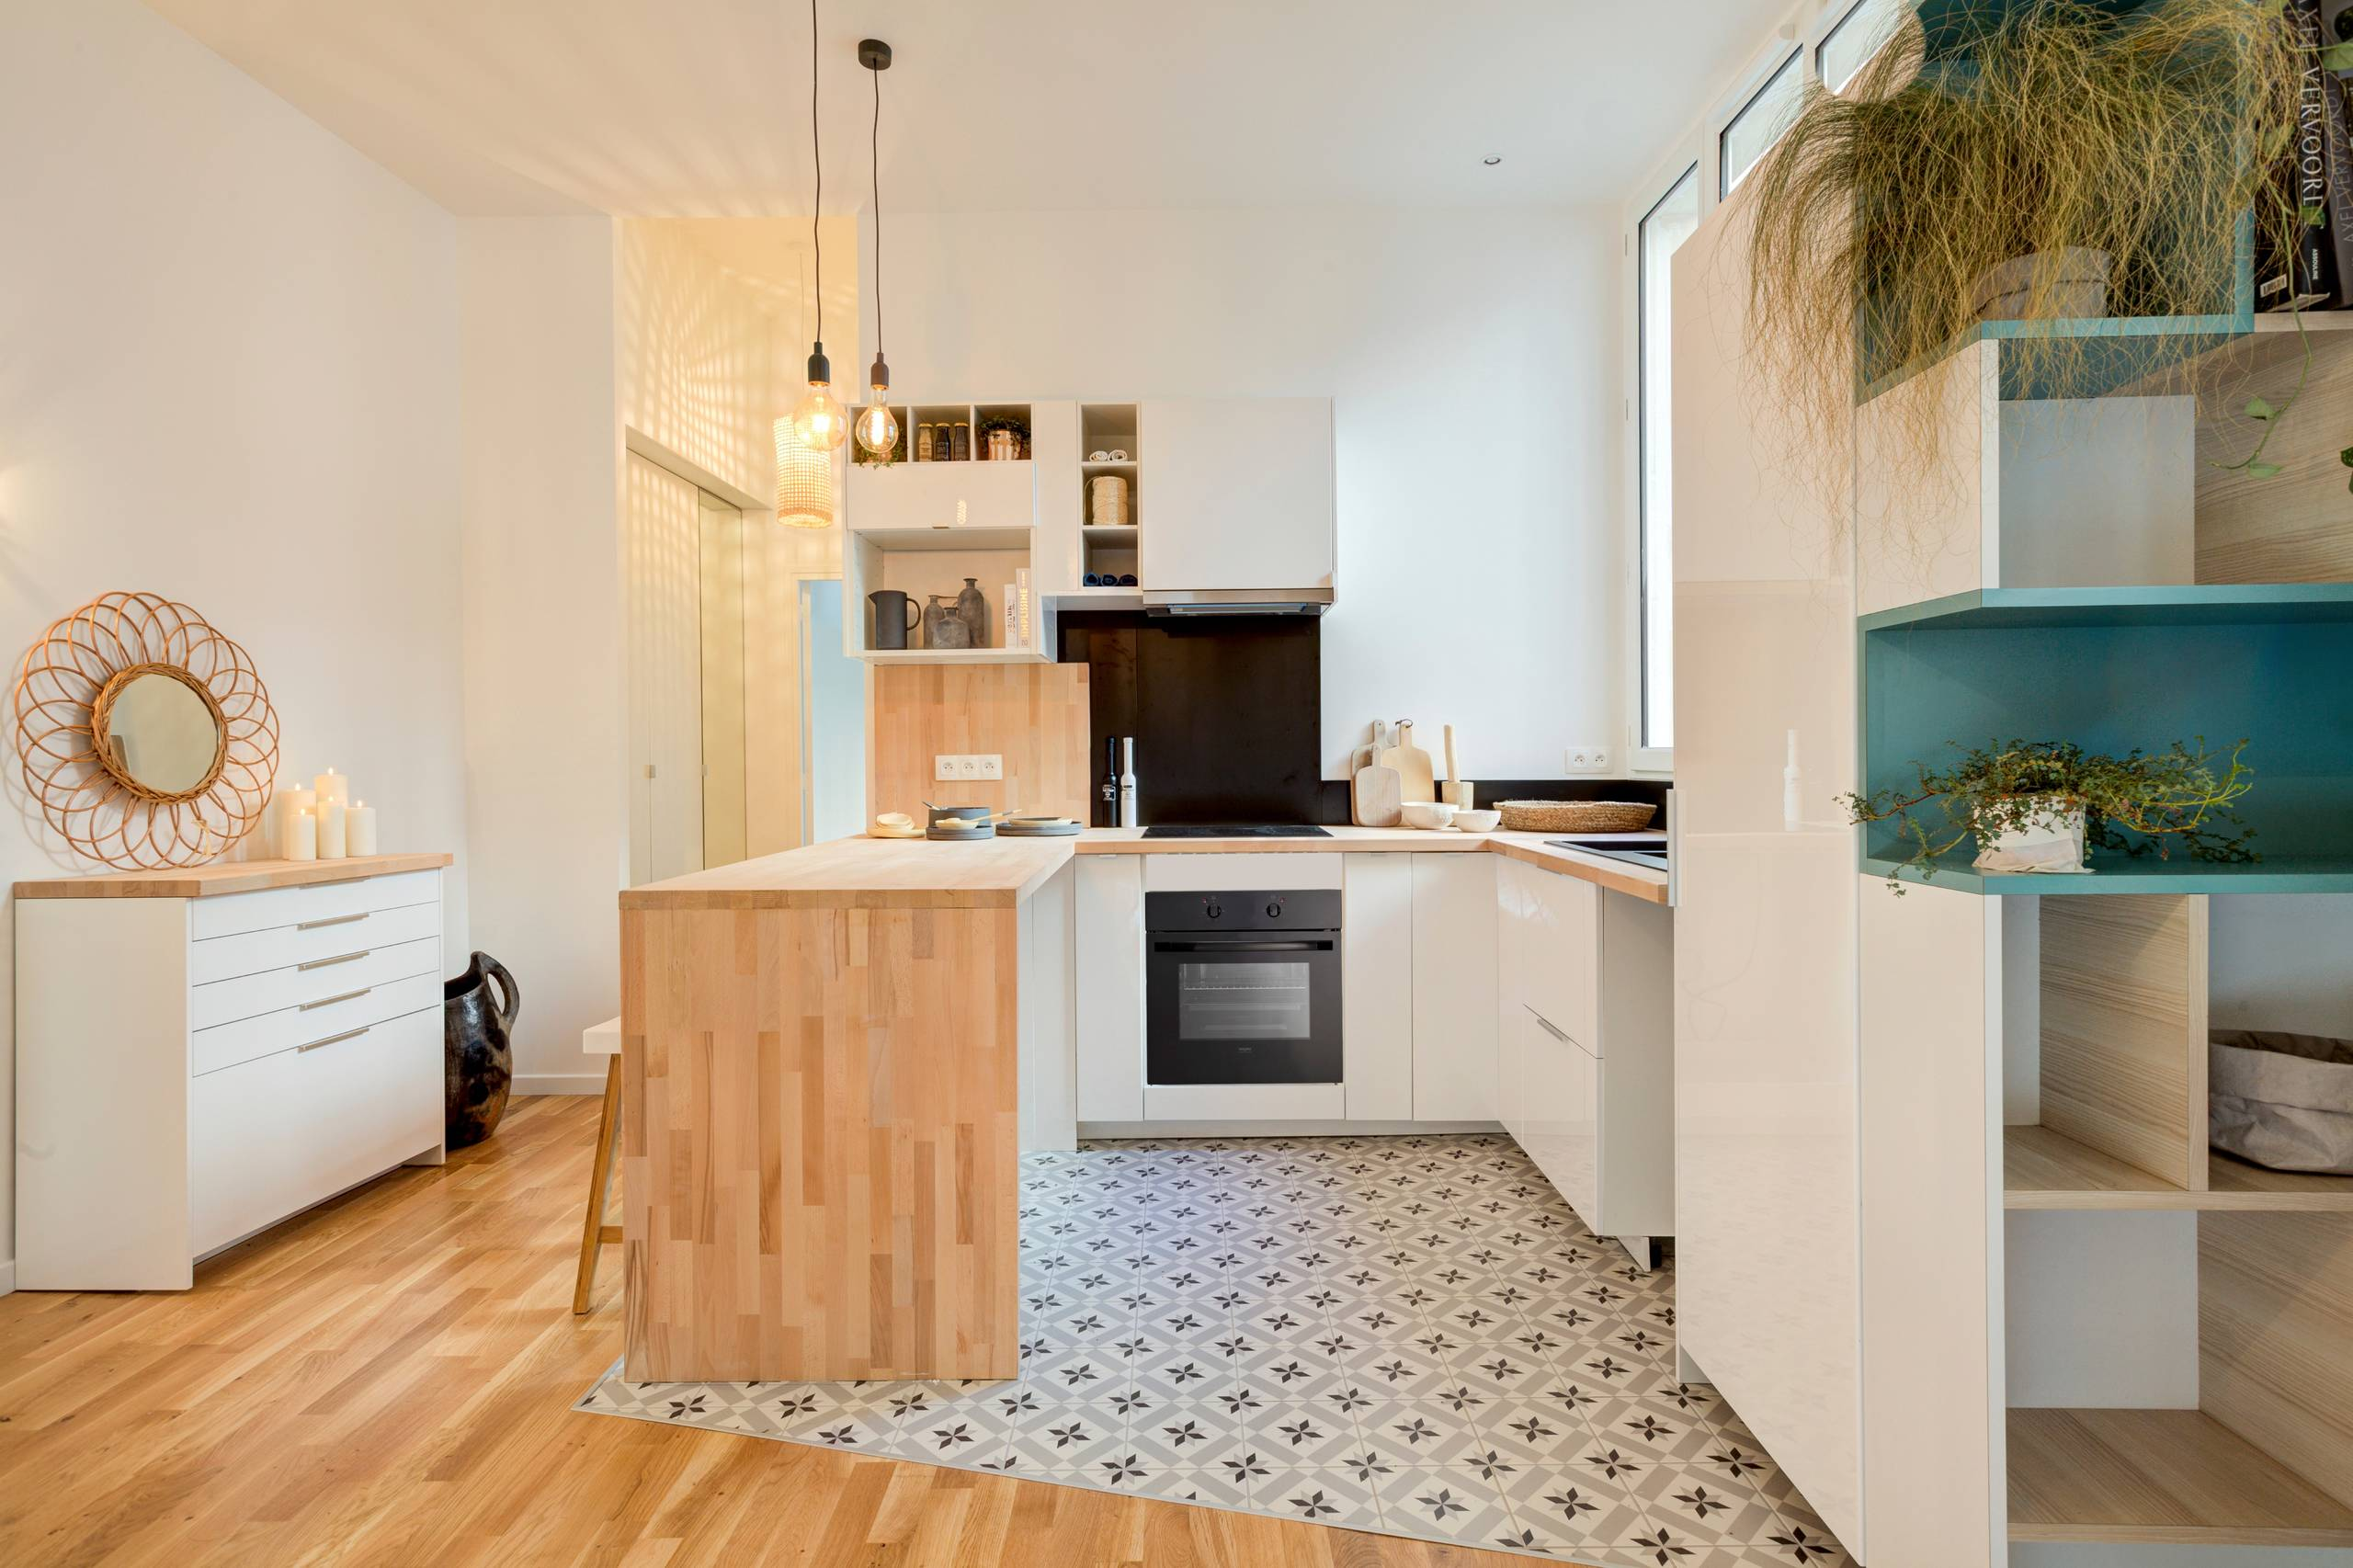 Armoire Comptoir De Famille 75 beautiful cement tile floor kitchen pictures & ideas | houzz